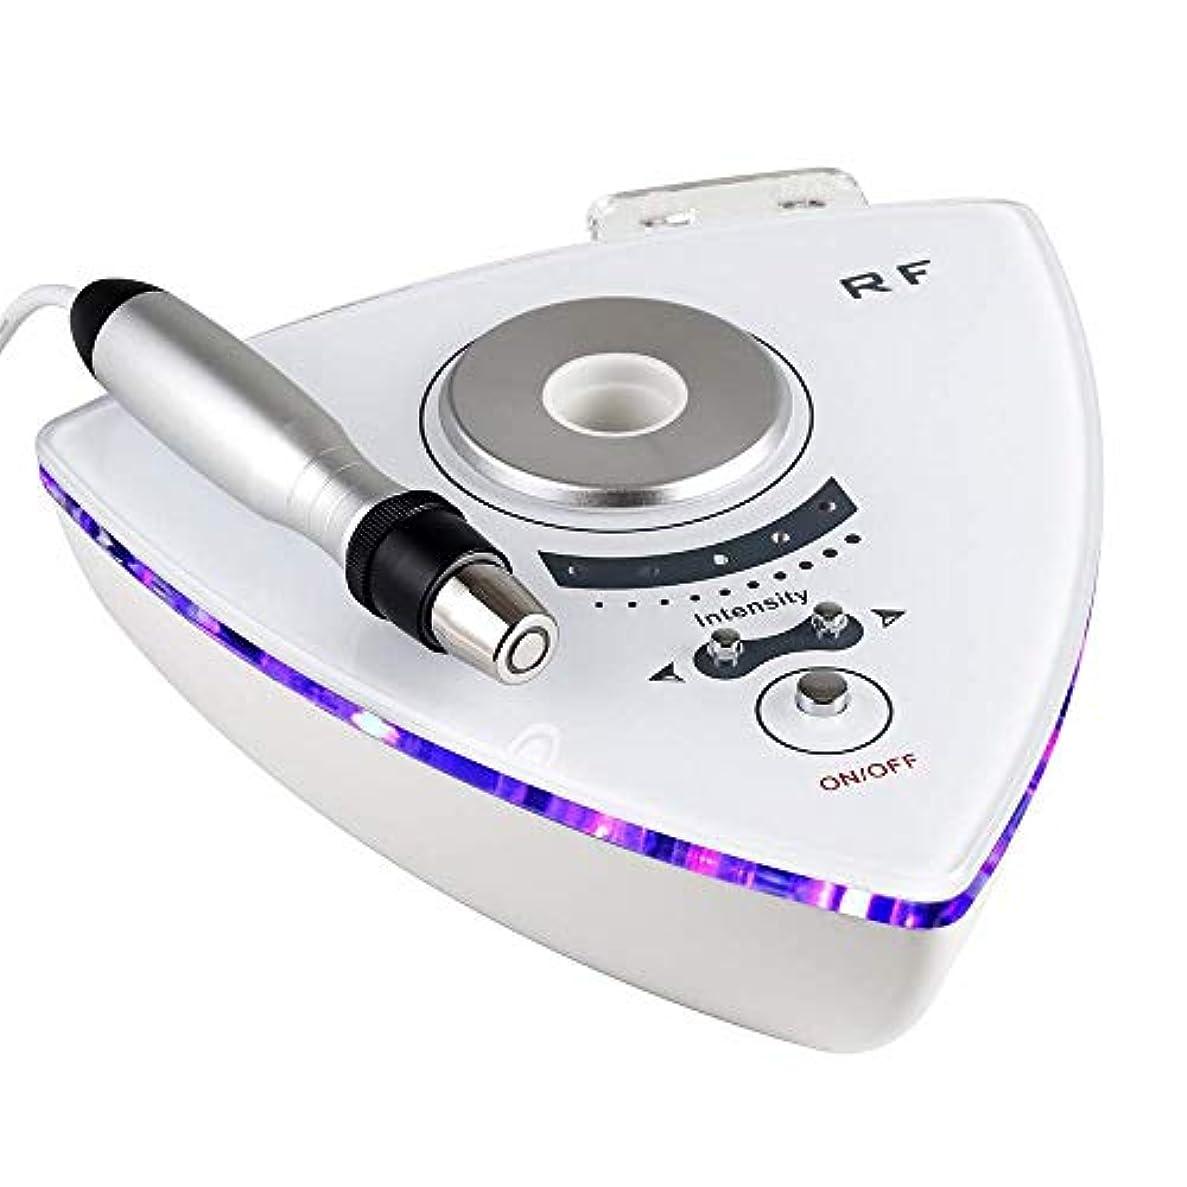 対象傾向があります口実RF無線周波数の美顔術機械、反老化のスキンケアをきつく締める皮の若返りのしわの取り外しの皮のための家の使用携帯用美顔術機械